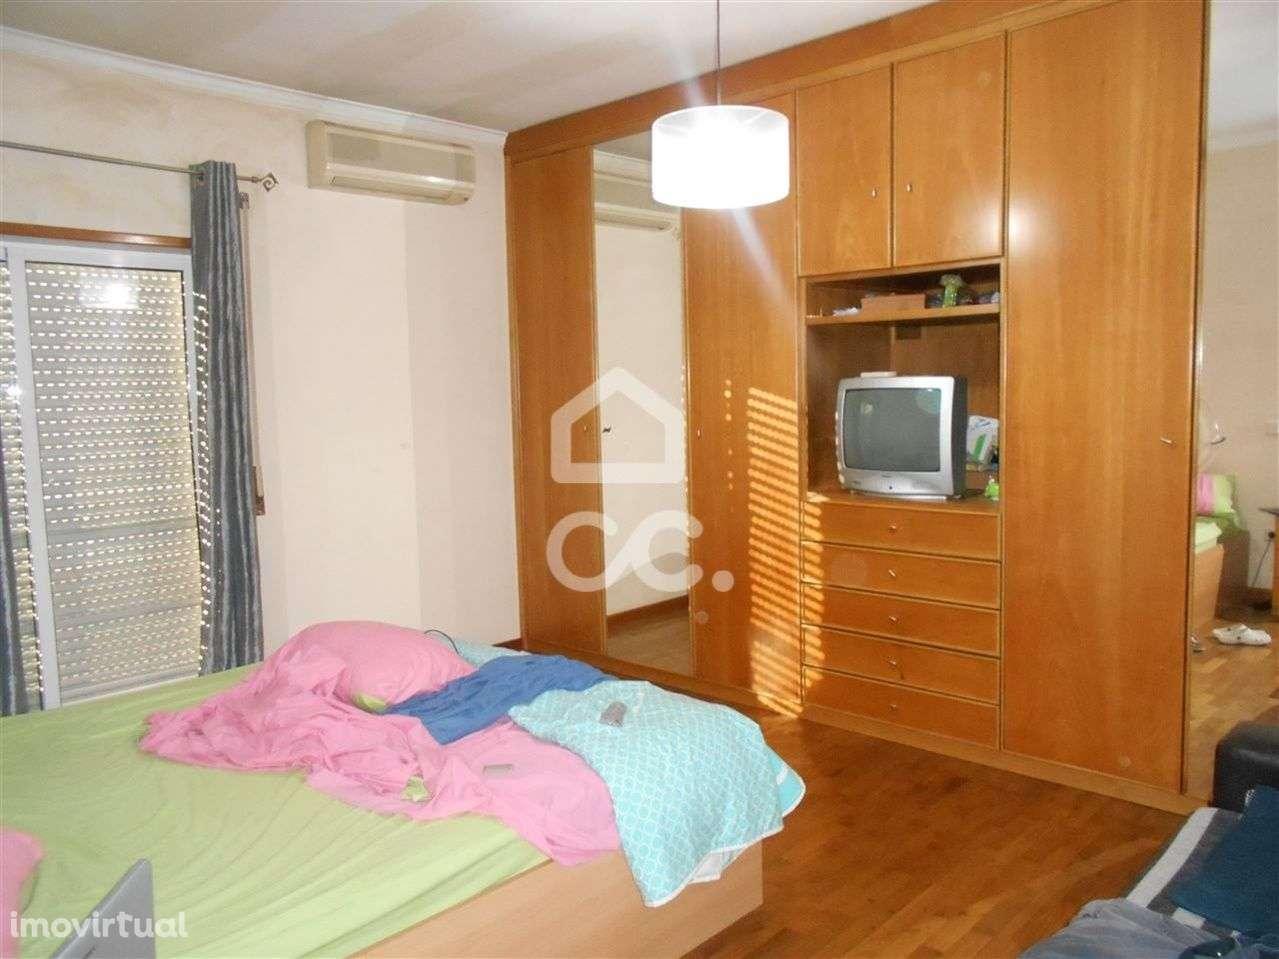 Apartamento para comprar, São Jorge (Selho), Guimarães, Braga - Foto 11